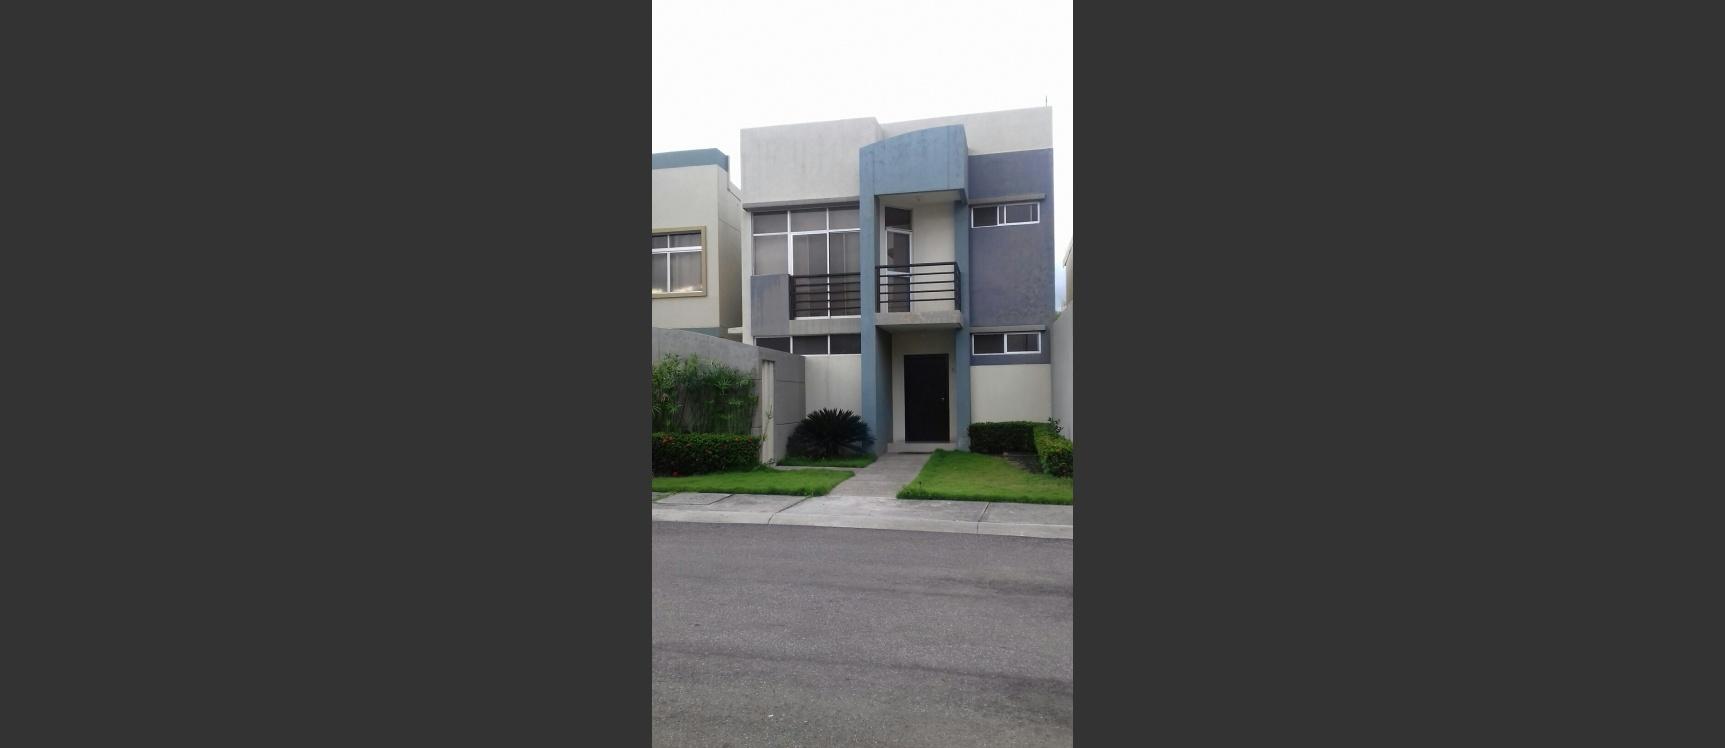 GeoBienes - Casa en venta en Urbanización Matices en vía Samborondon - Plusvalia Guayaquil Casas de venta y alquiler Inmobiliaria Ecuador